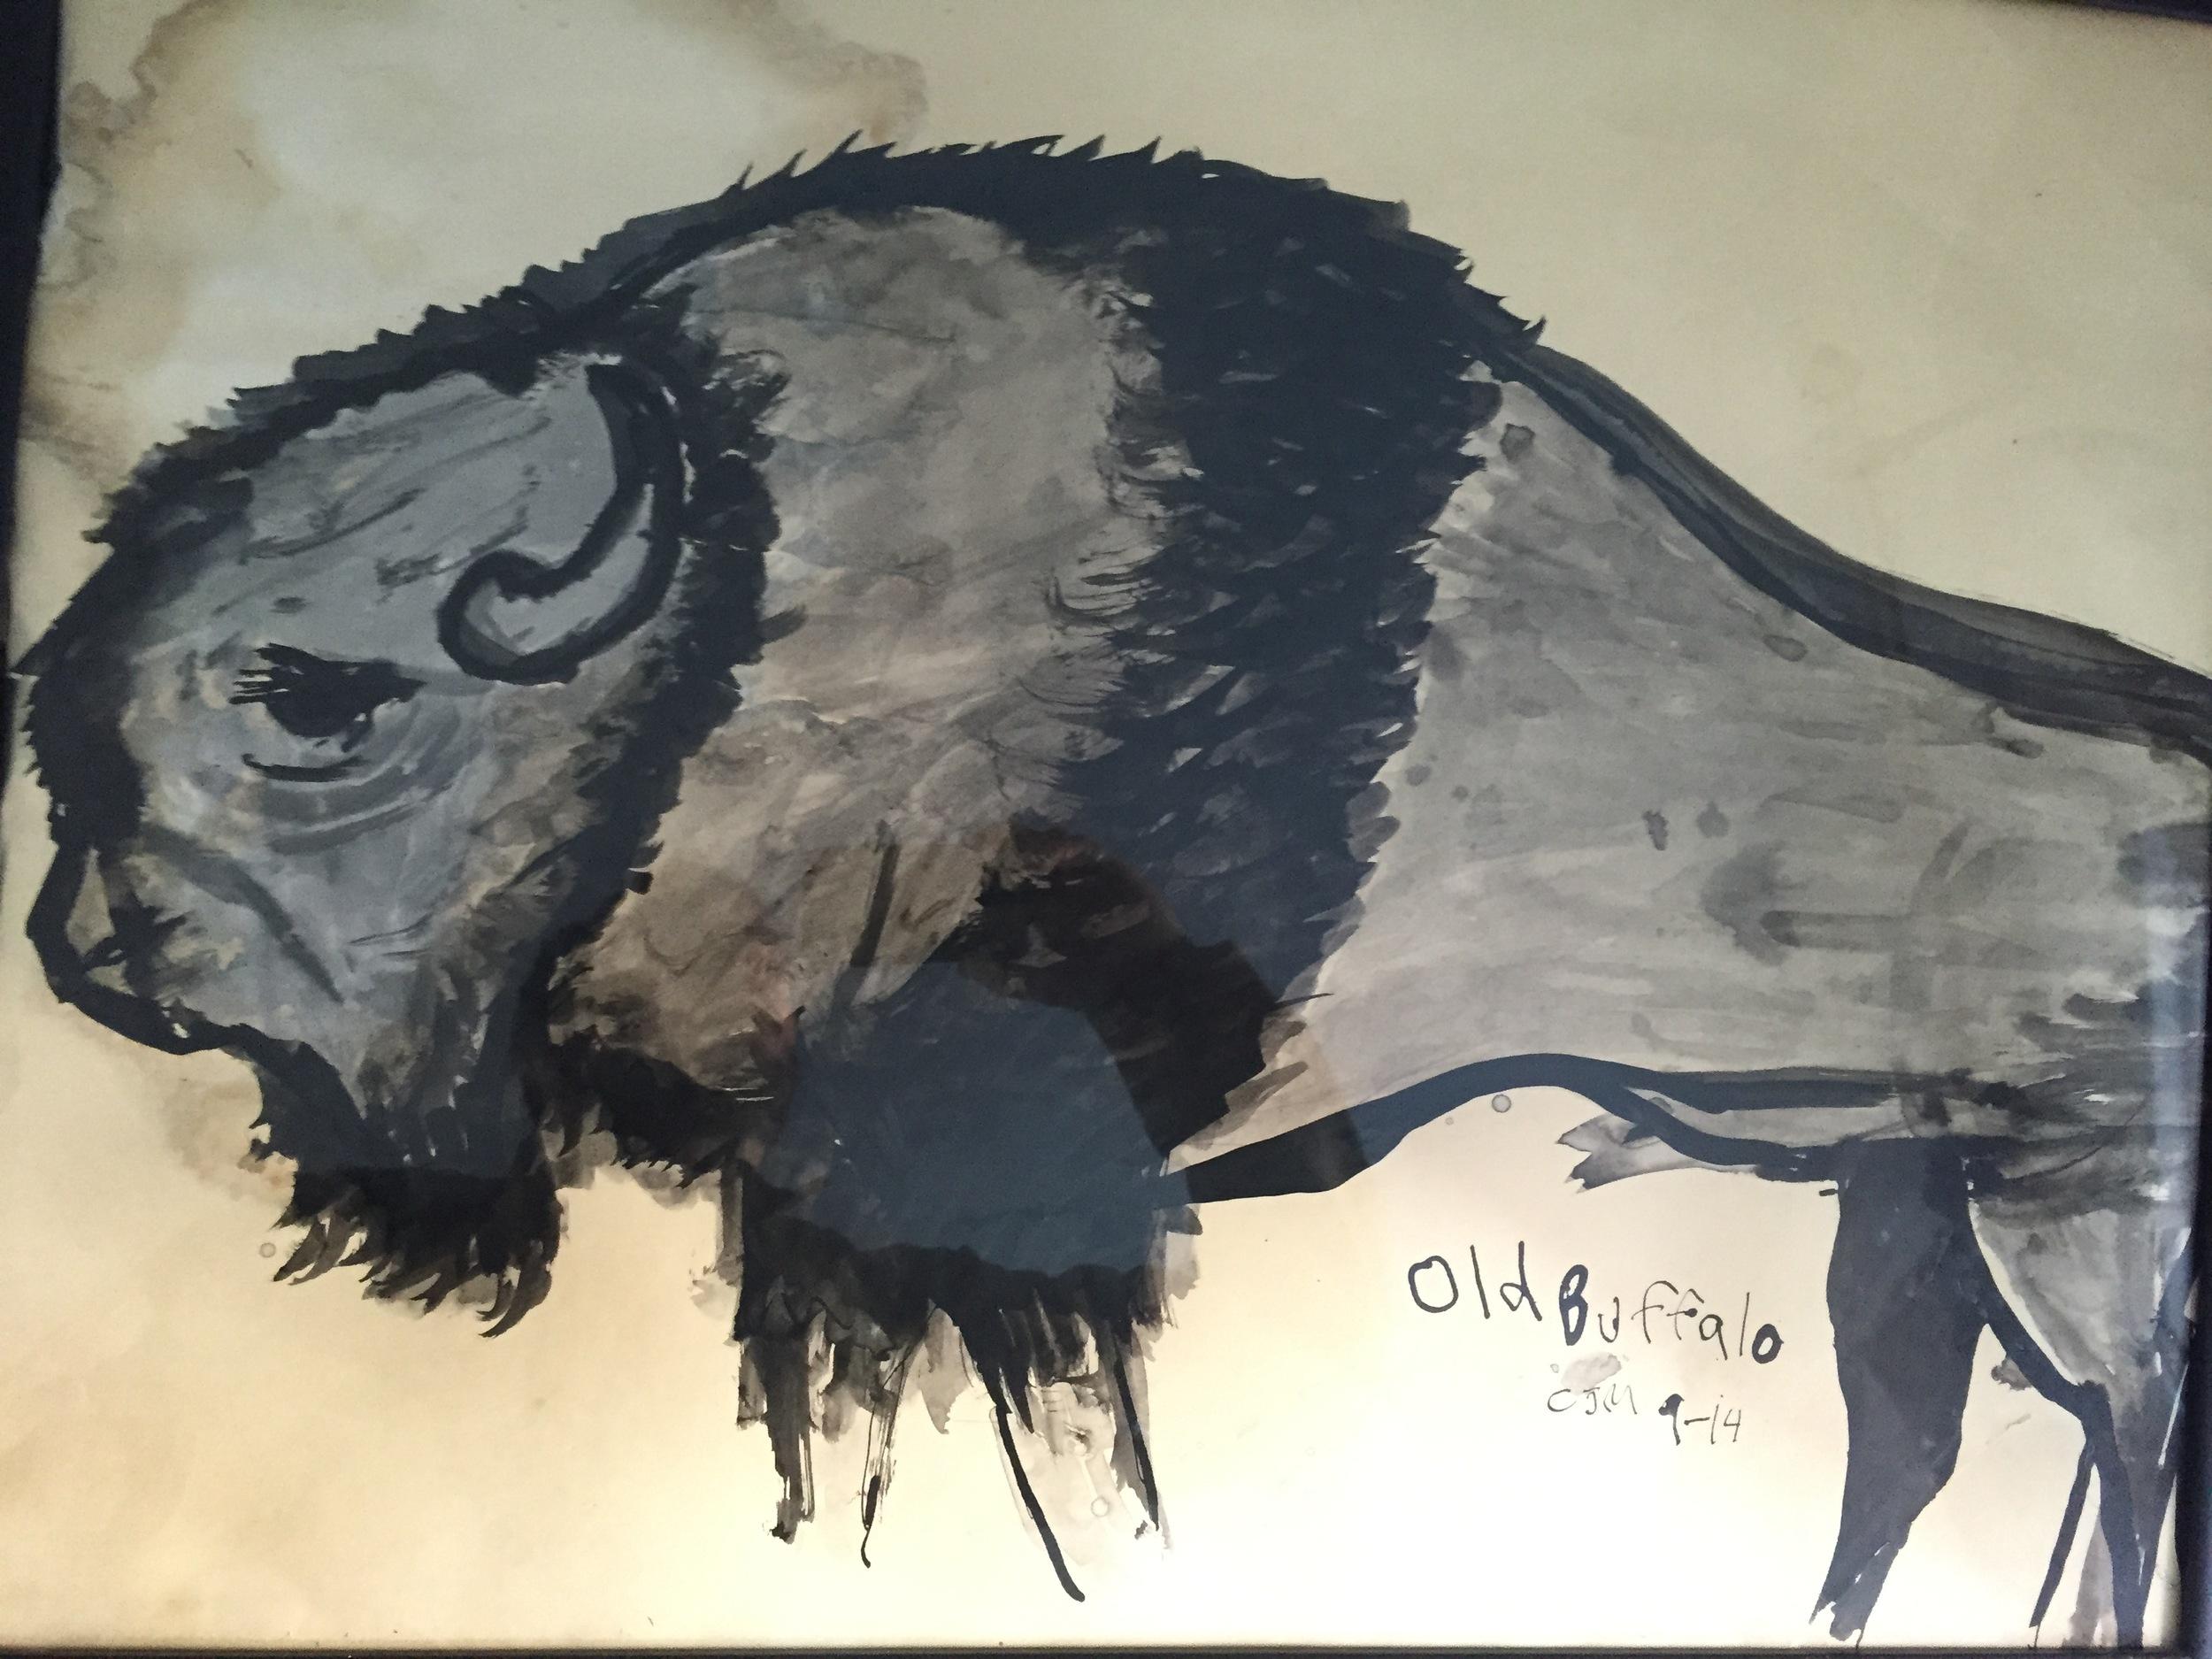 old buffalo - caleb mannan, 2014